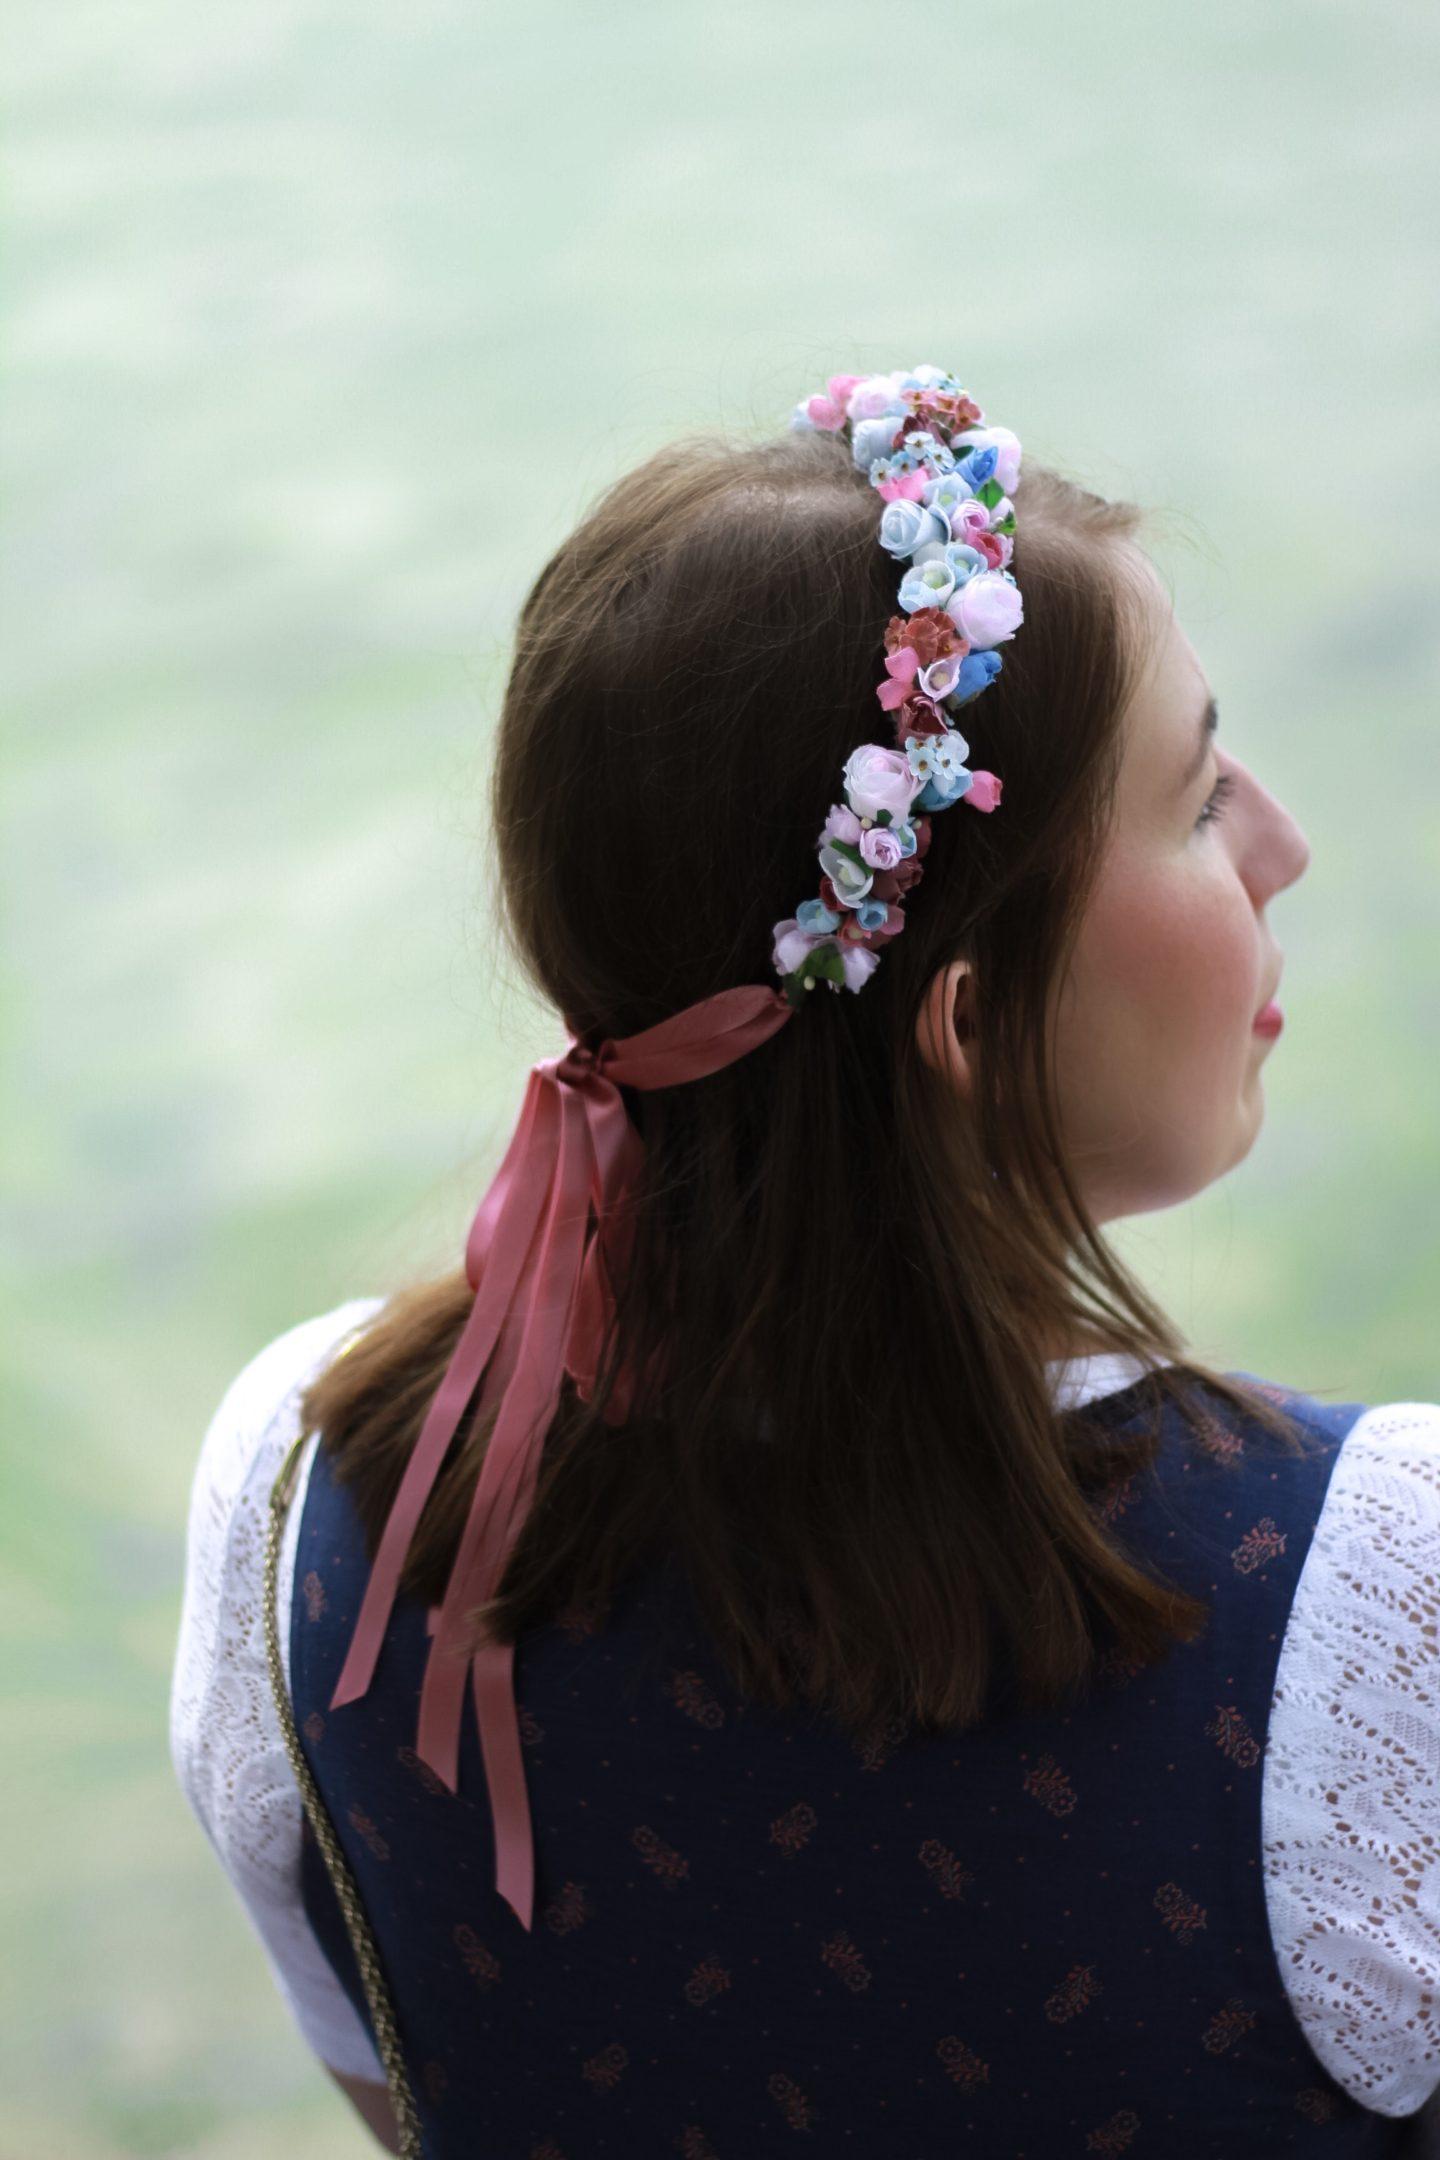 Sportalm-Kitzbuehel-Dirndl-Pupping-Wirkes-Tracht-Susanne-Heidebach-Miss-Suzie-Loves-We-are-Flowergirls-Blumenkranz